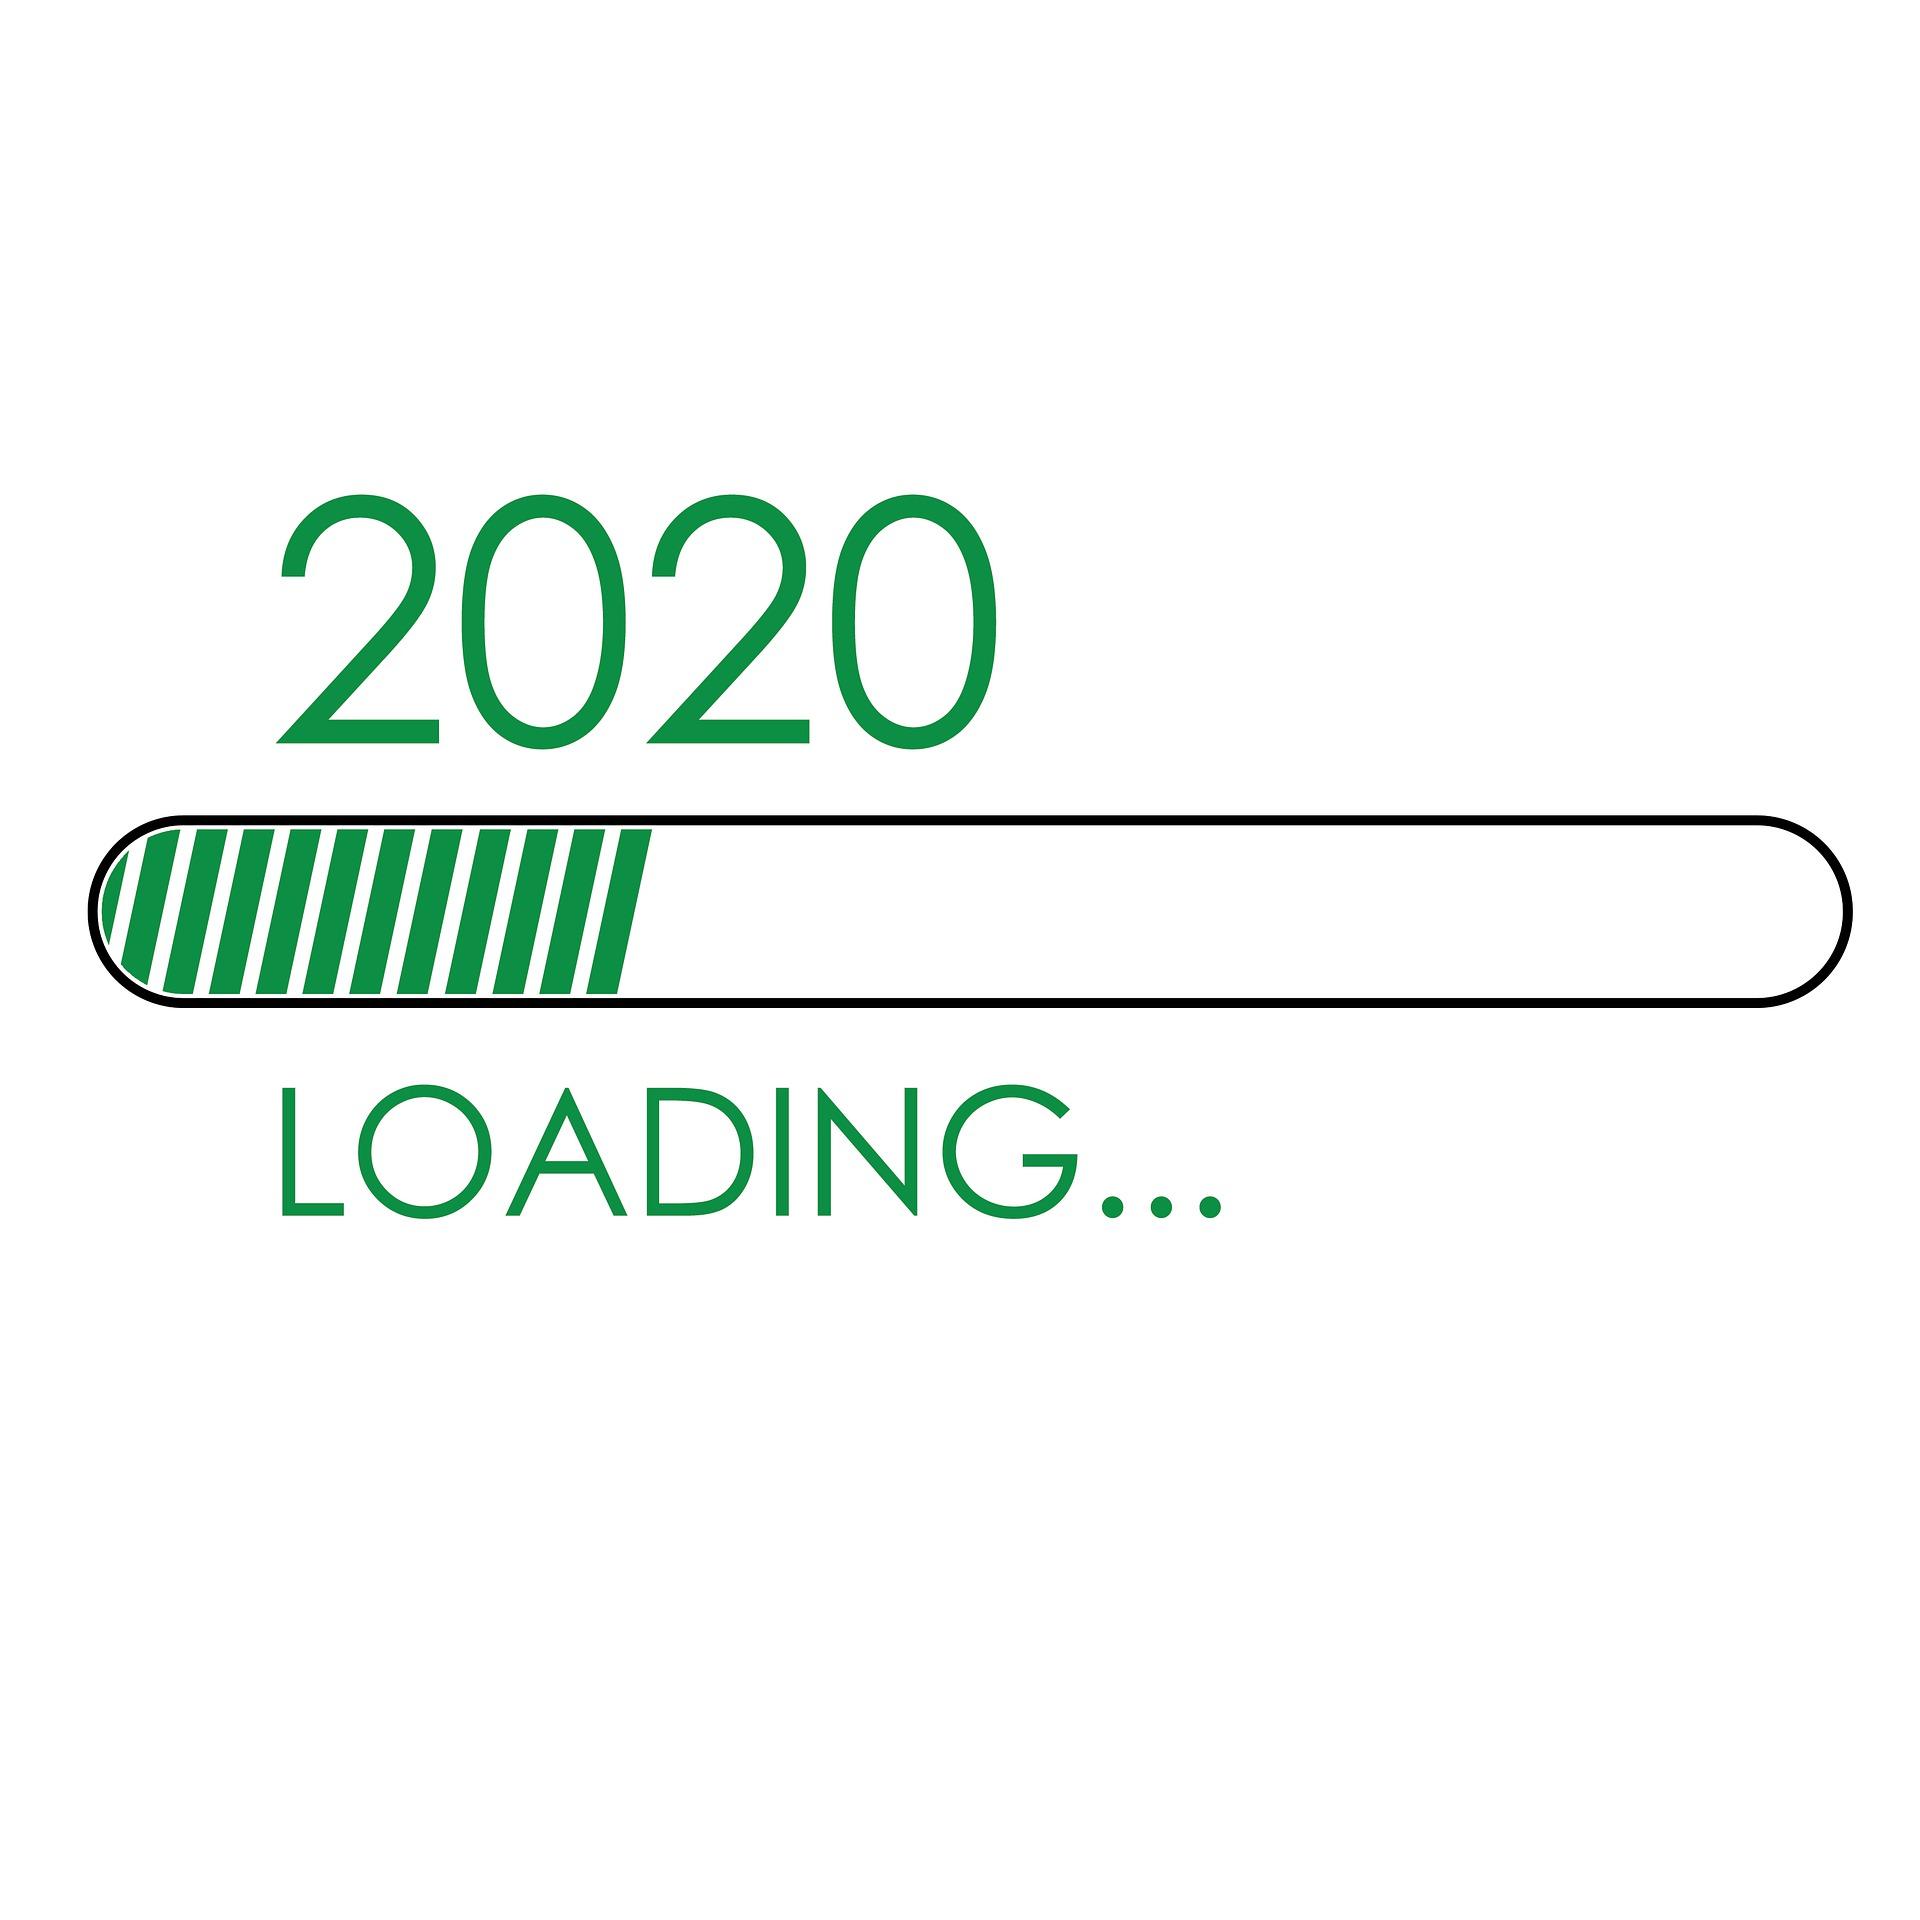 Calendrier Cfa 2020 2019.Le Calendrier Des Salons 2019 2020 Cfa Afanem